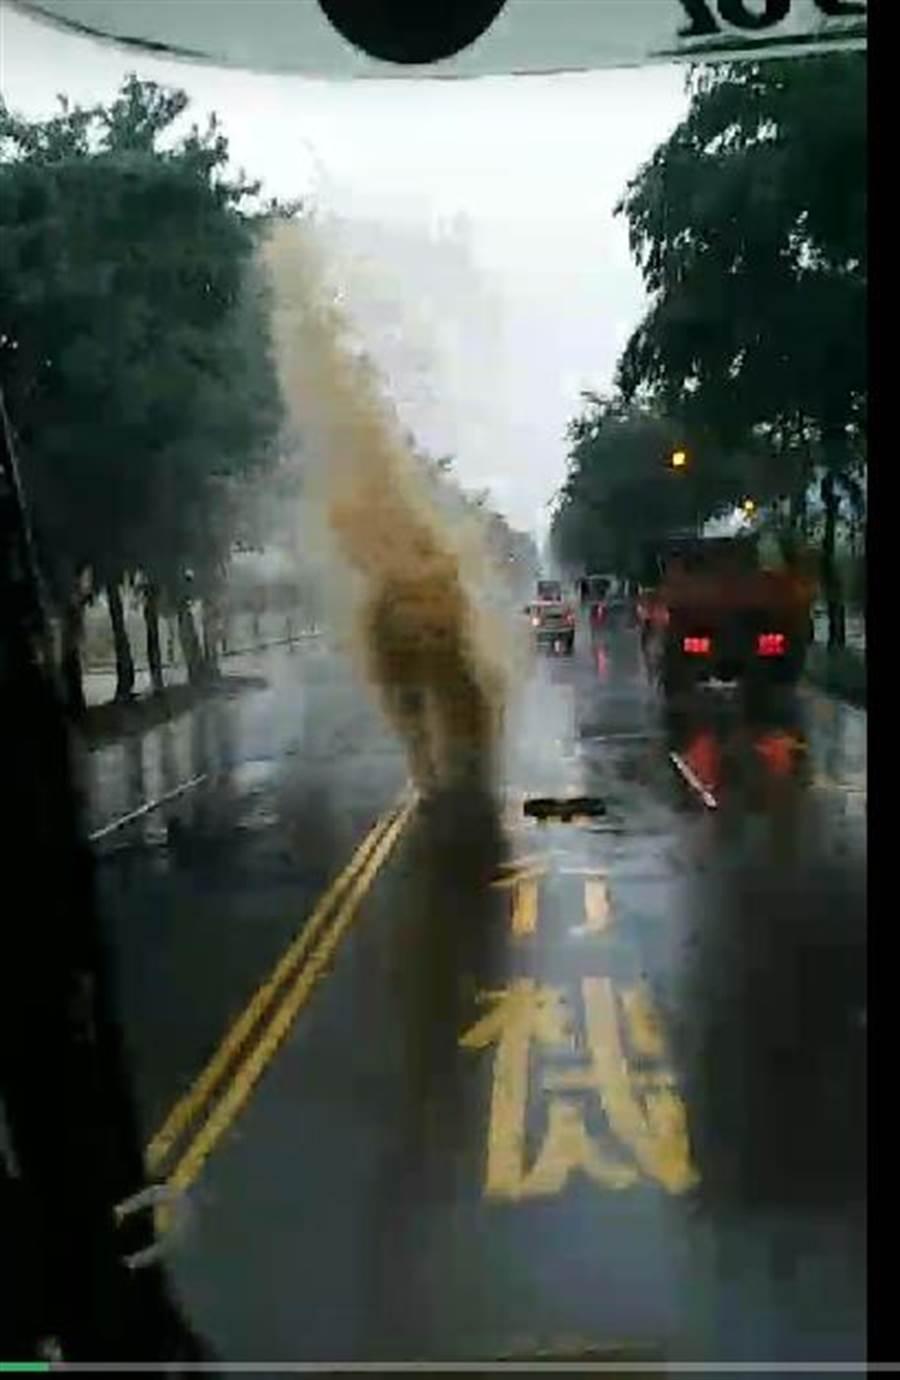 有民眾拍到馬路上的人孔蓋被湧出的水噴飛相當驚人。(翻攝自影片)